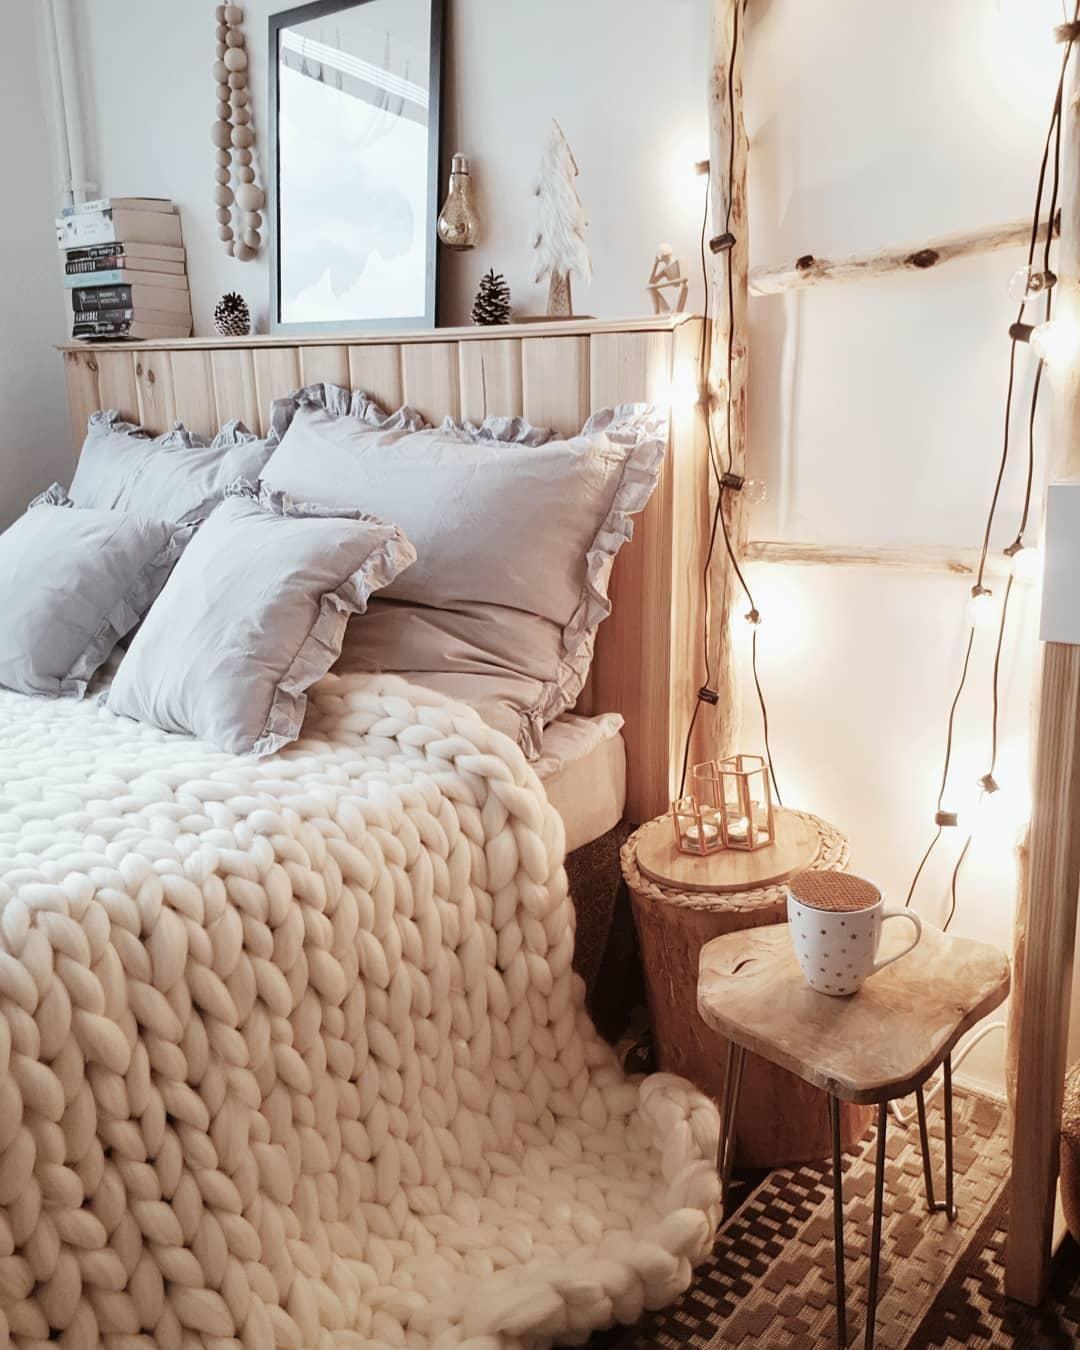 Erstaunlich Traum Schlafzimmer Dekoration Von In Diesem Würden Wir Am Liebsten Den